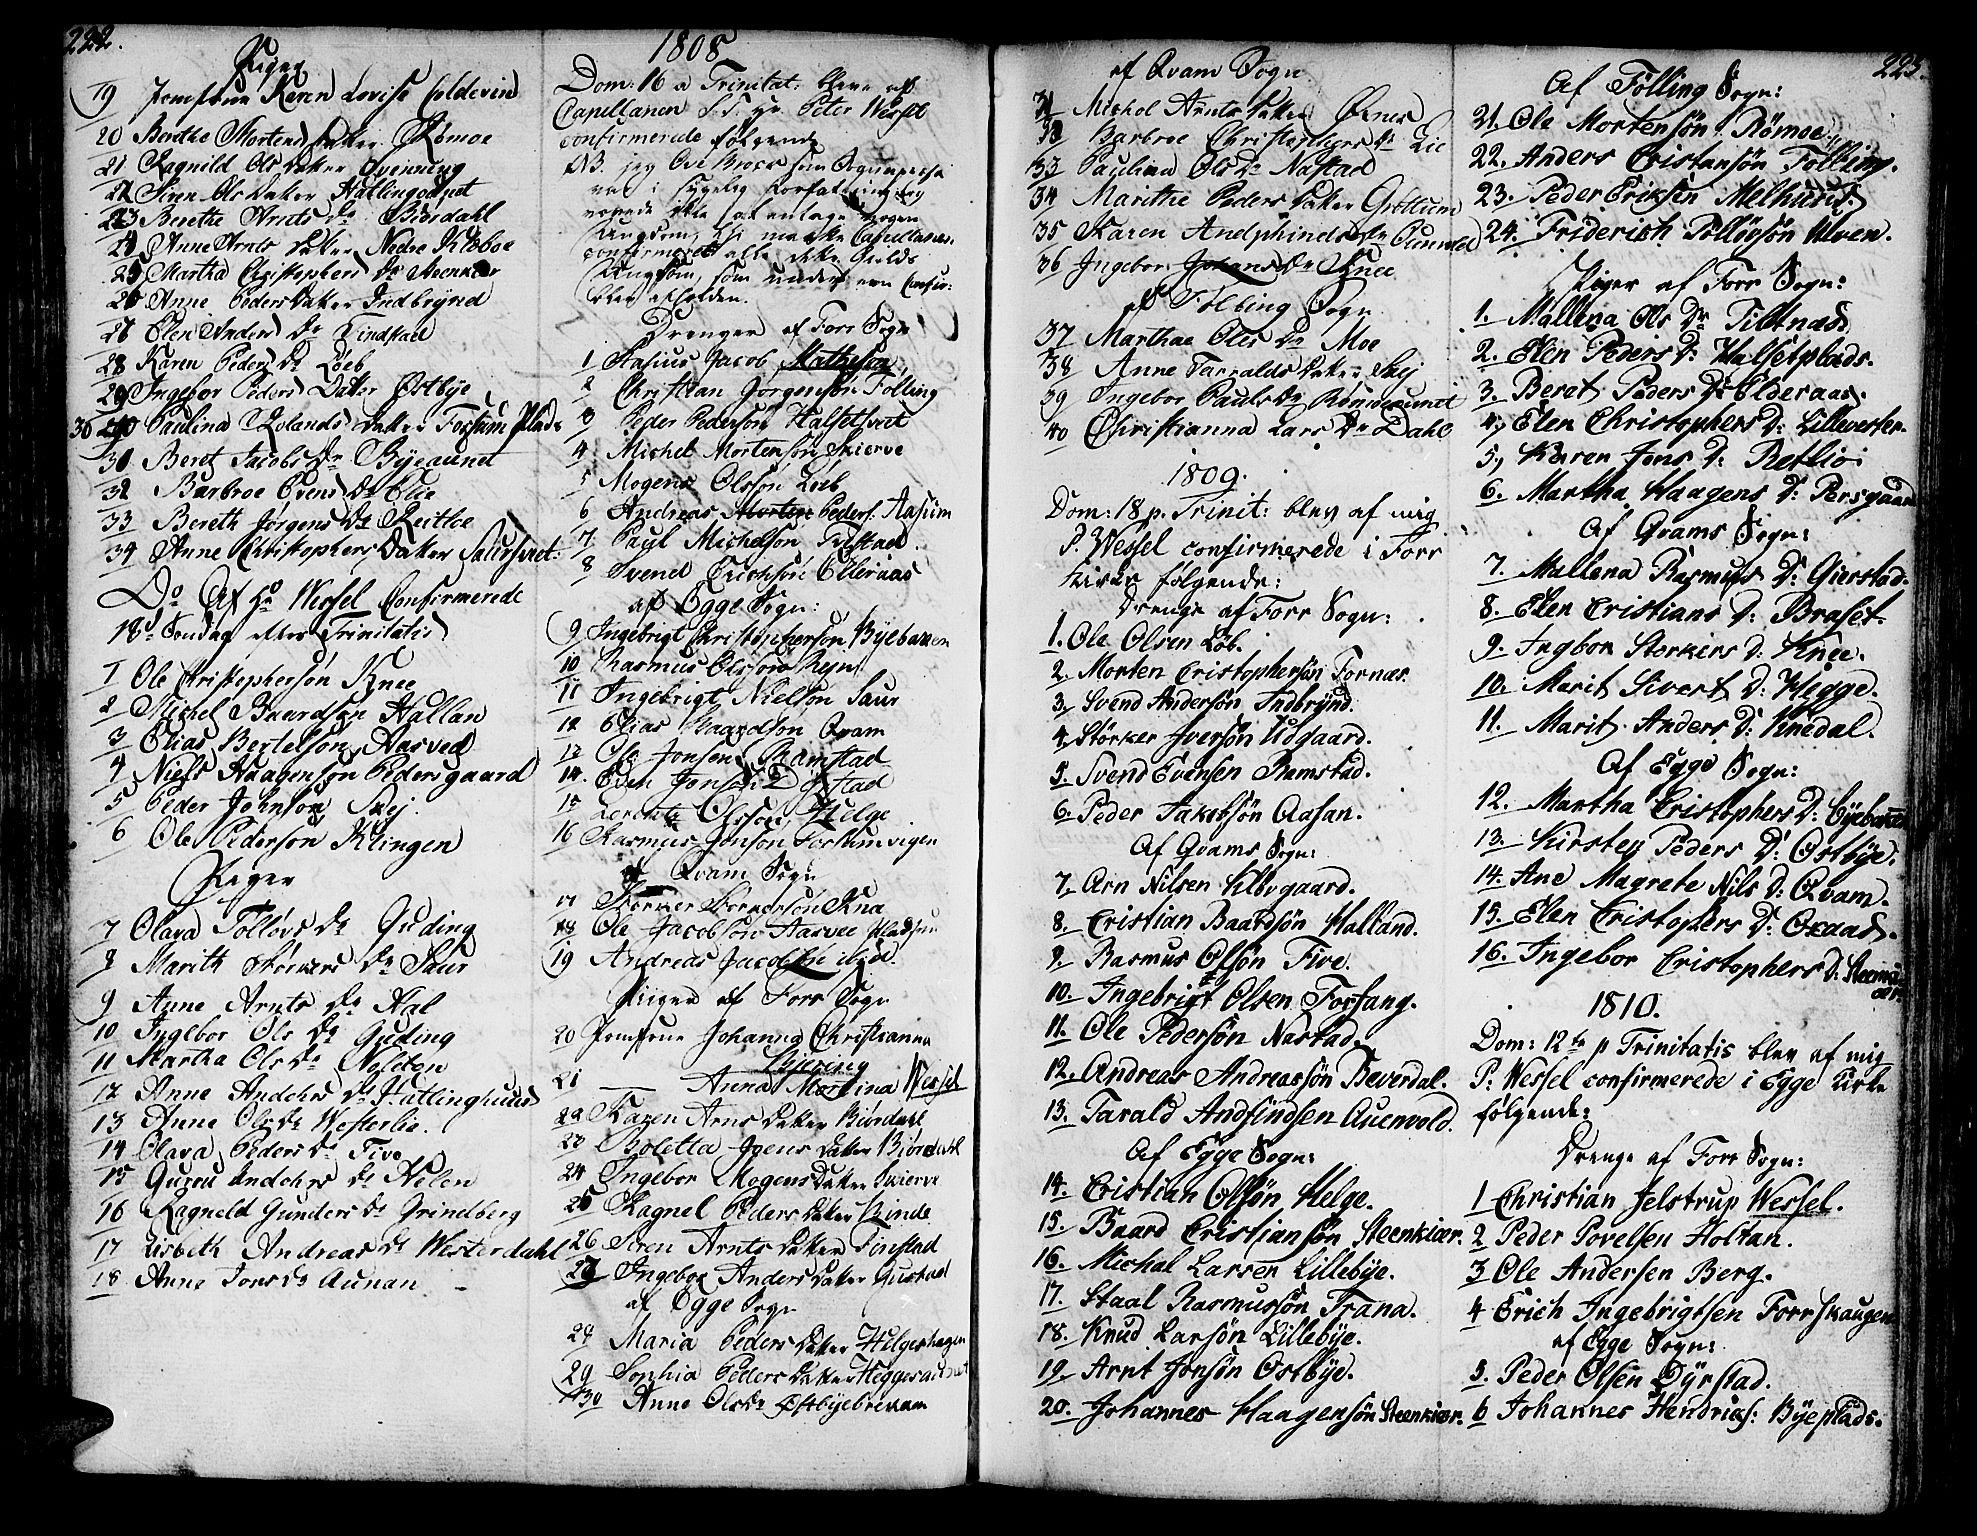 SAT, Ministerialprotokoller, klokkerbøker og fødselsregistre - Nord-Trøndelag, 746/L0440: Ministerialbok nr. 746A02, 1760-1815, s. 222-223